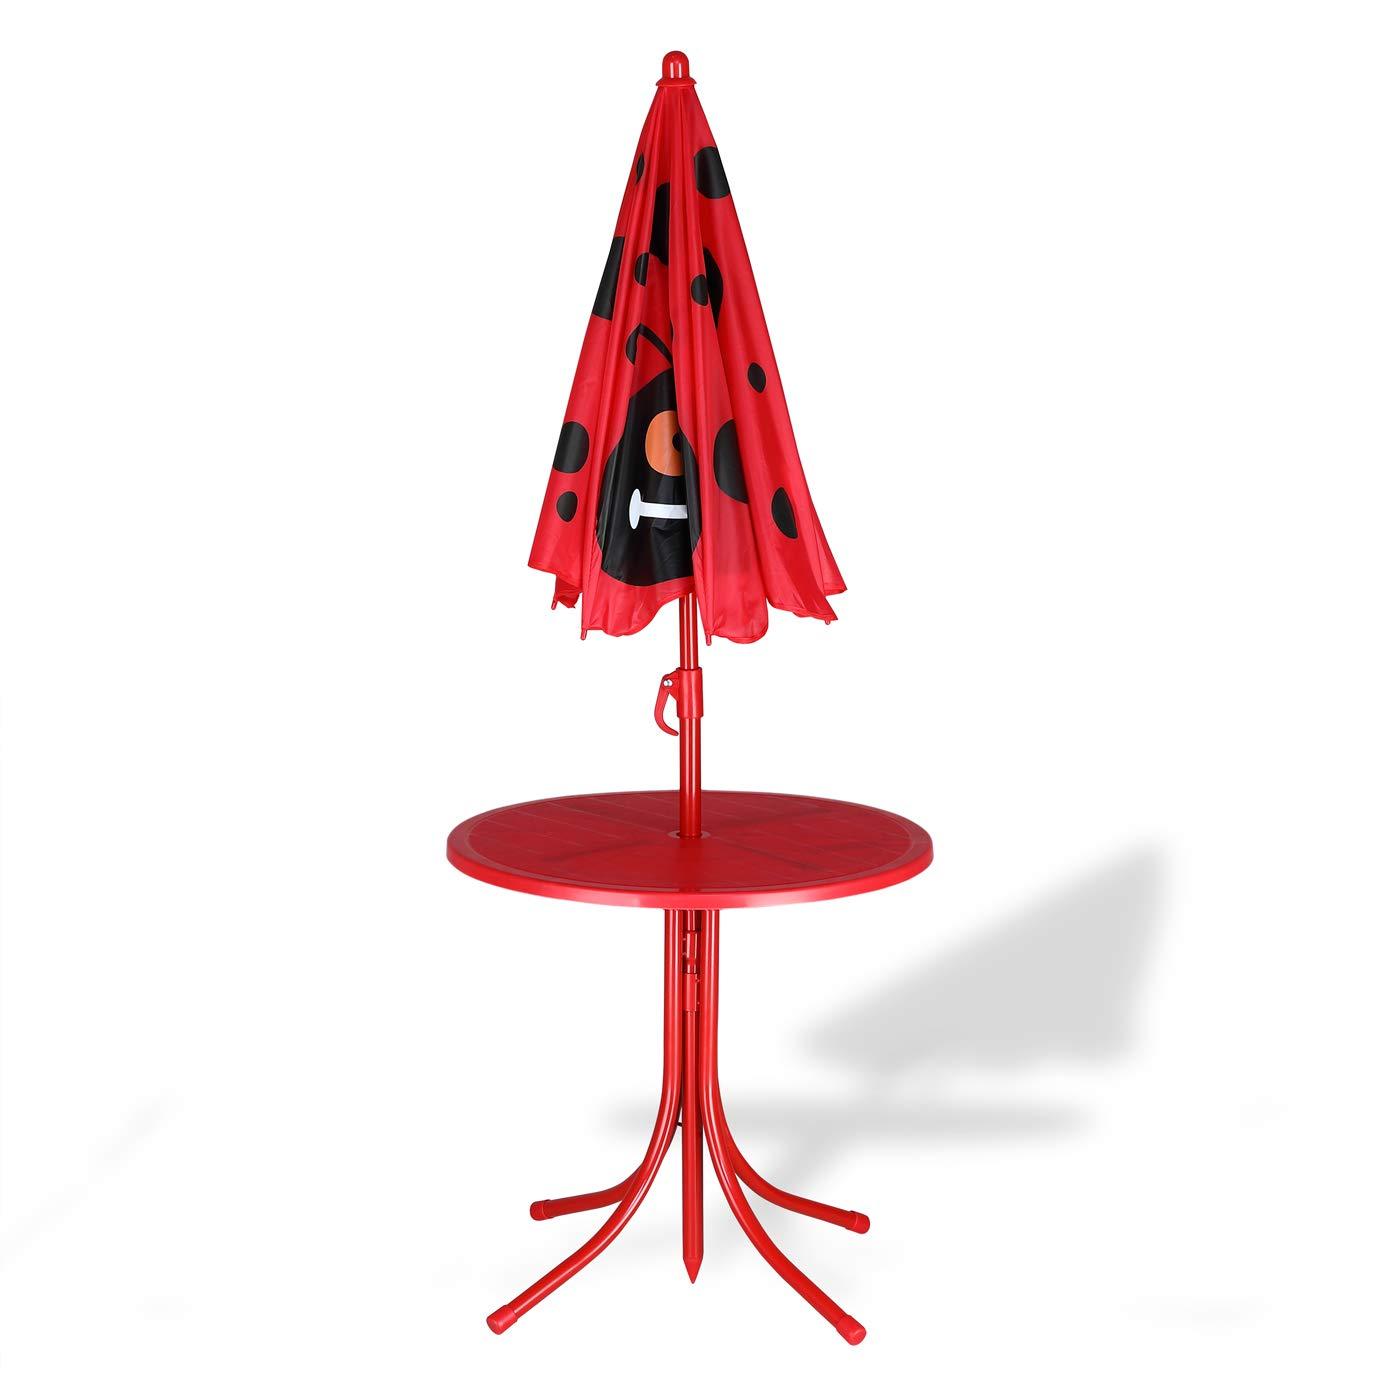 Deuba Kids Table and Chairs Set Outdoor Patio Umbrella Set Indoor Outdoor Furniture